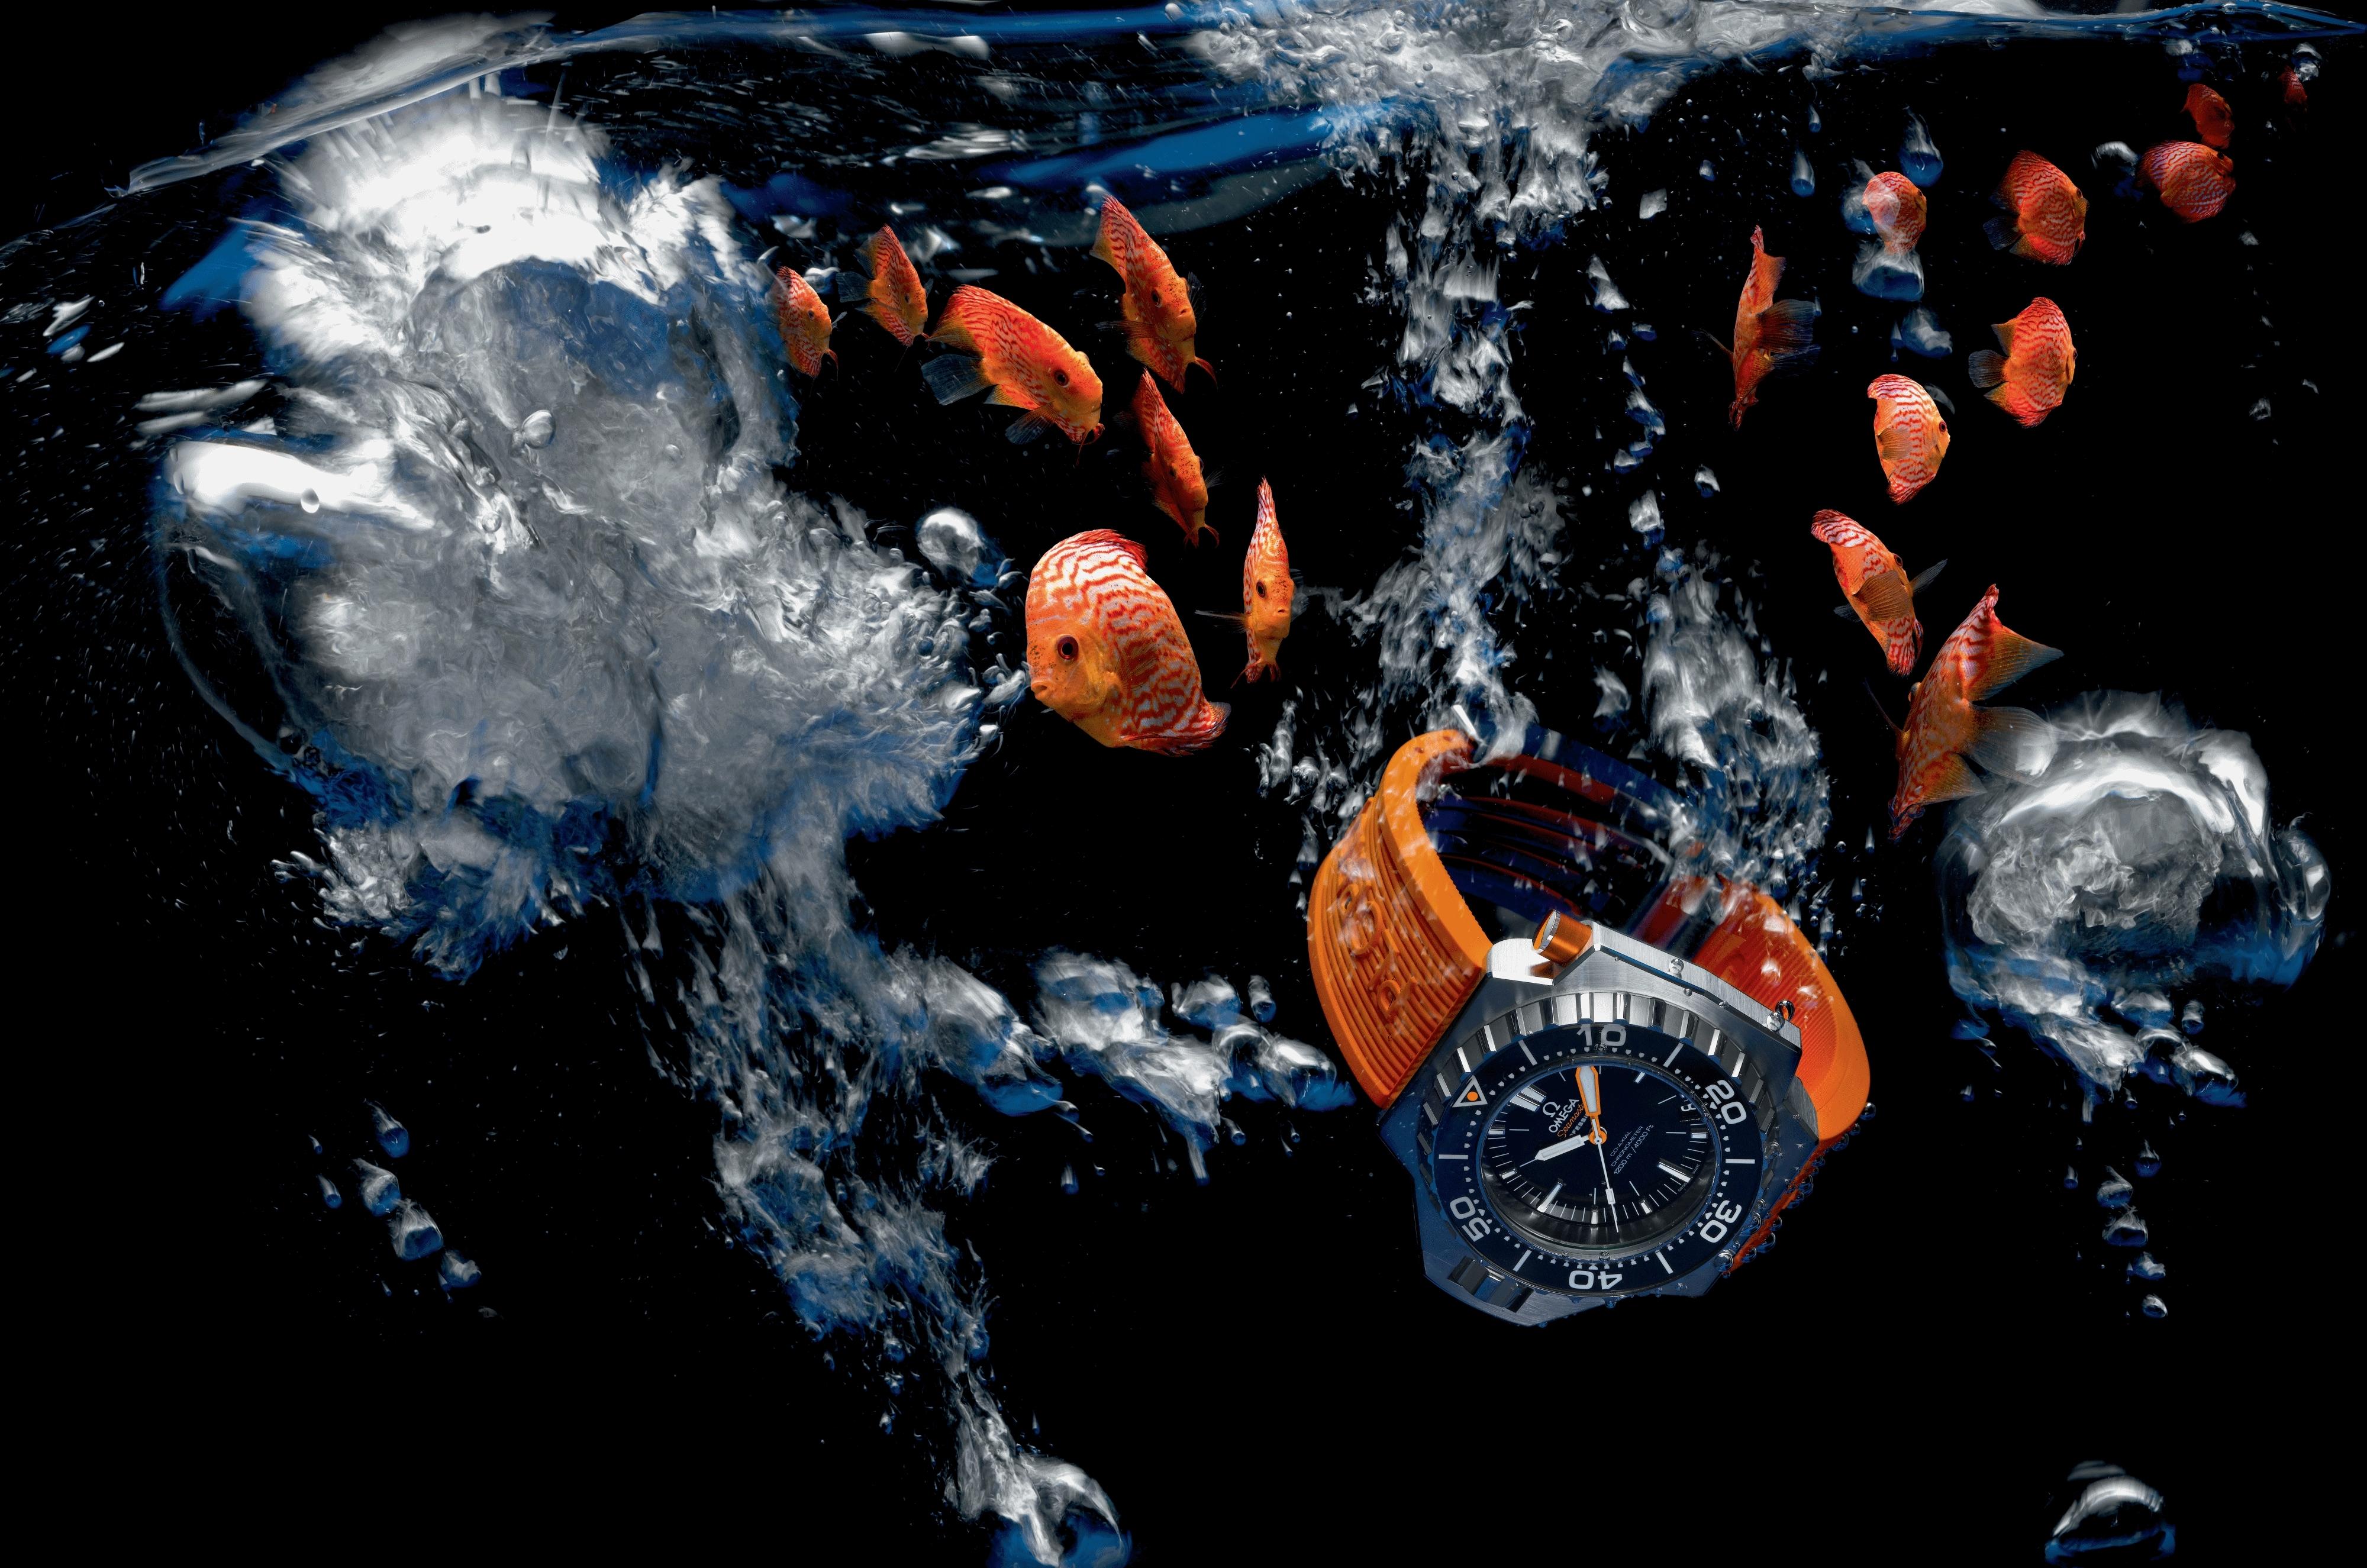 обои бесплатно скачать на рабочий стол часы в воде № 188075 загрузить